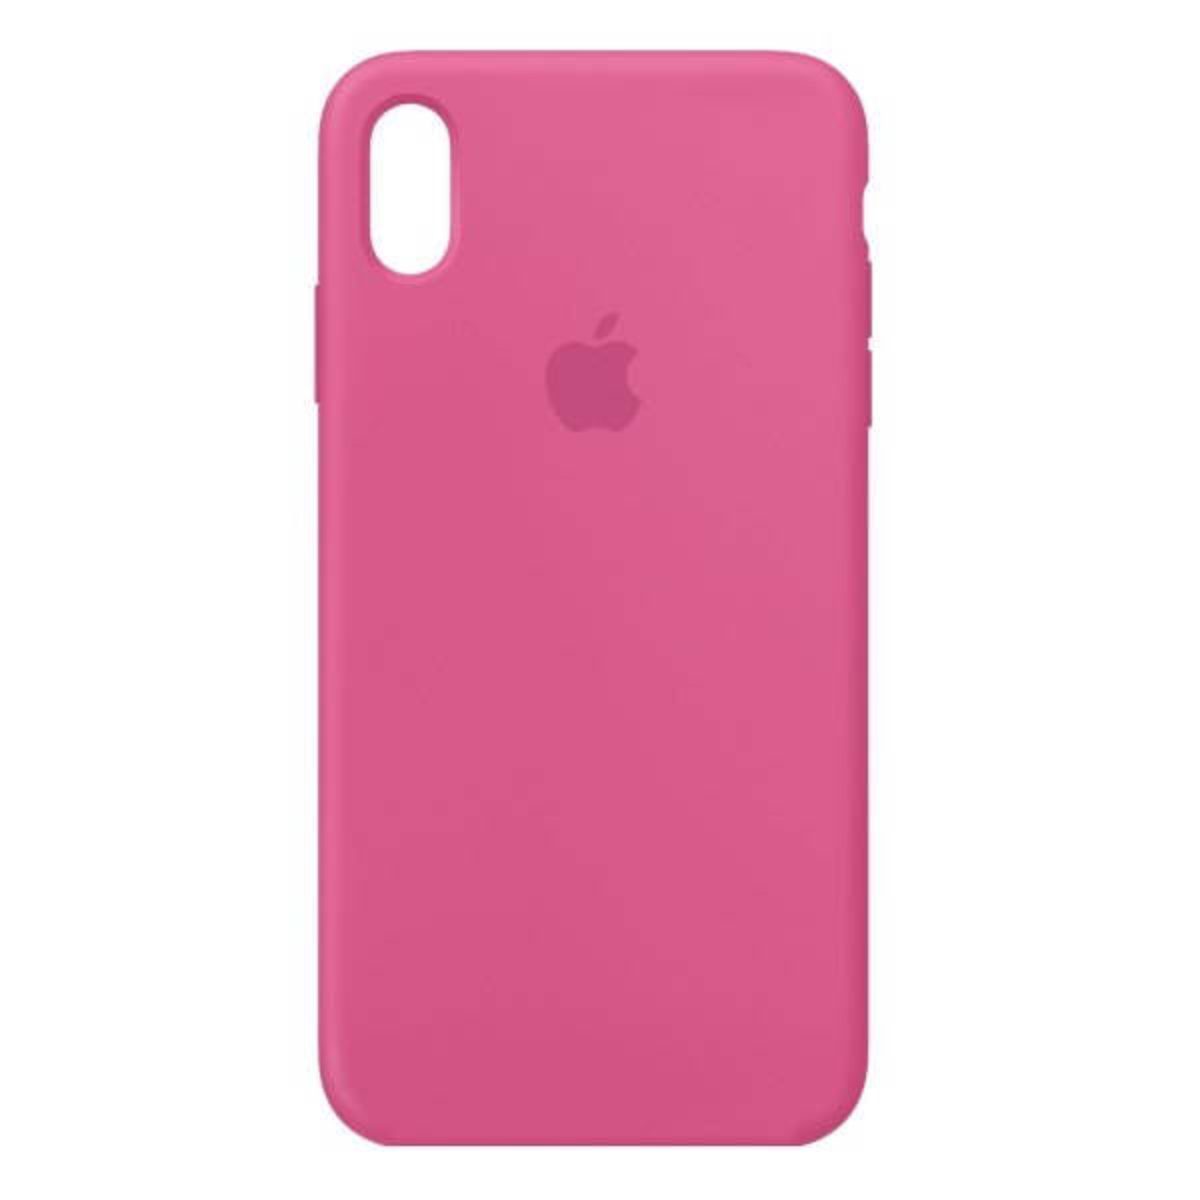 کاور مدل scn-360 مناسب برای گوشی موبایل اپل iphone x / xs